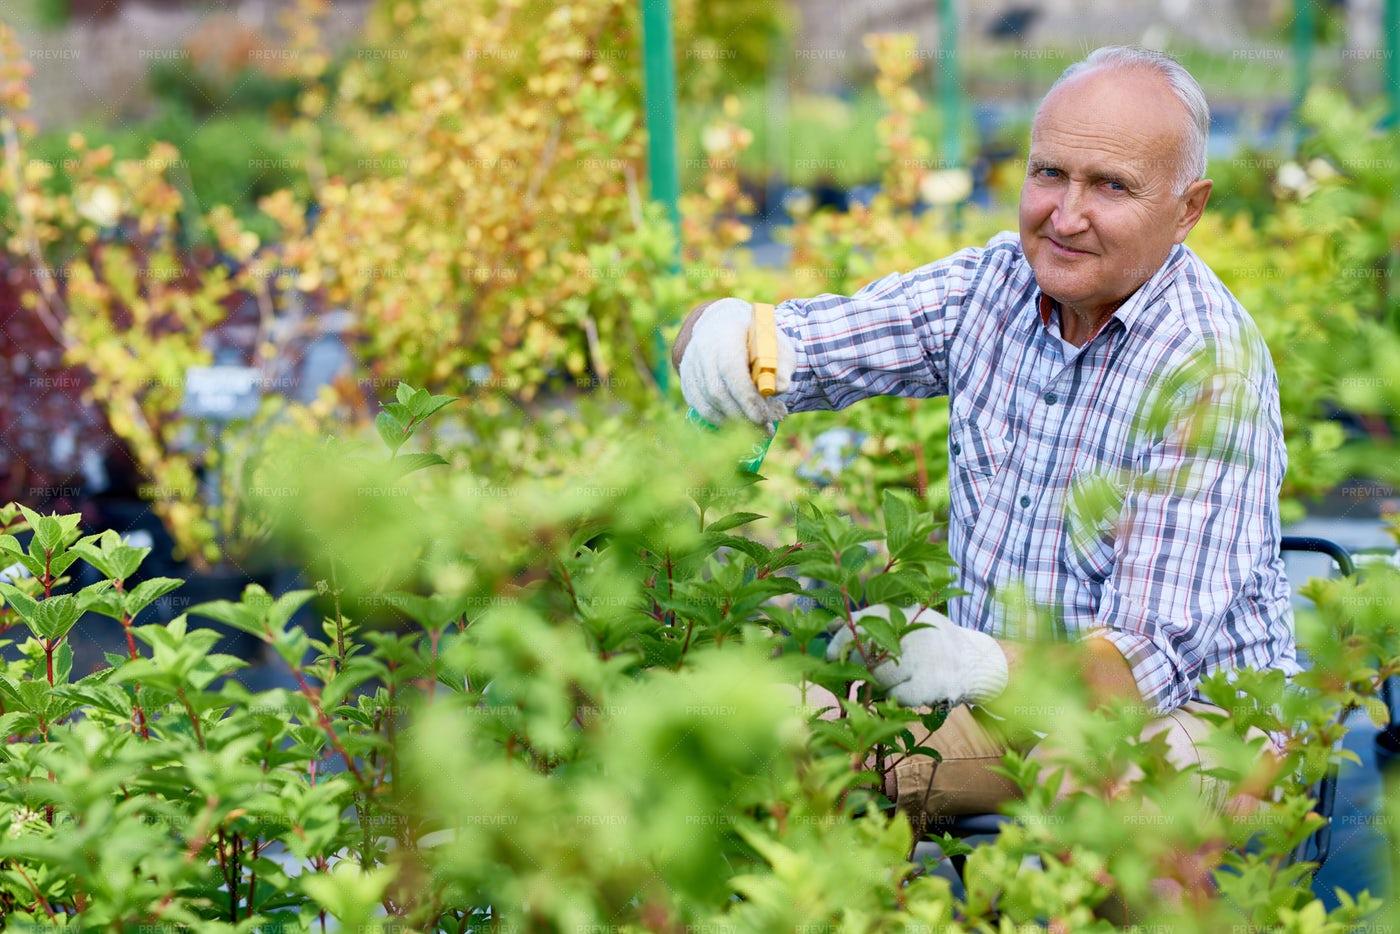 Smiling Senior Man Working In...: Stock Photos